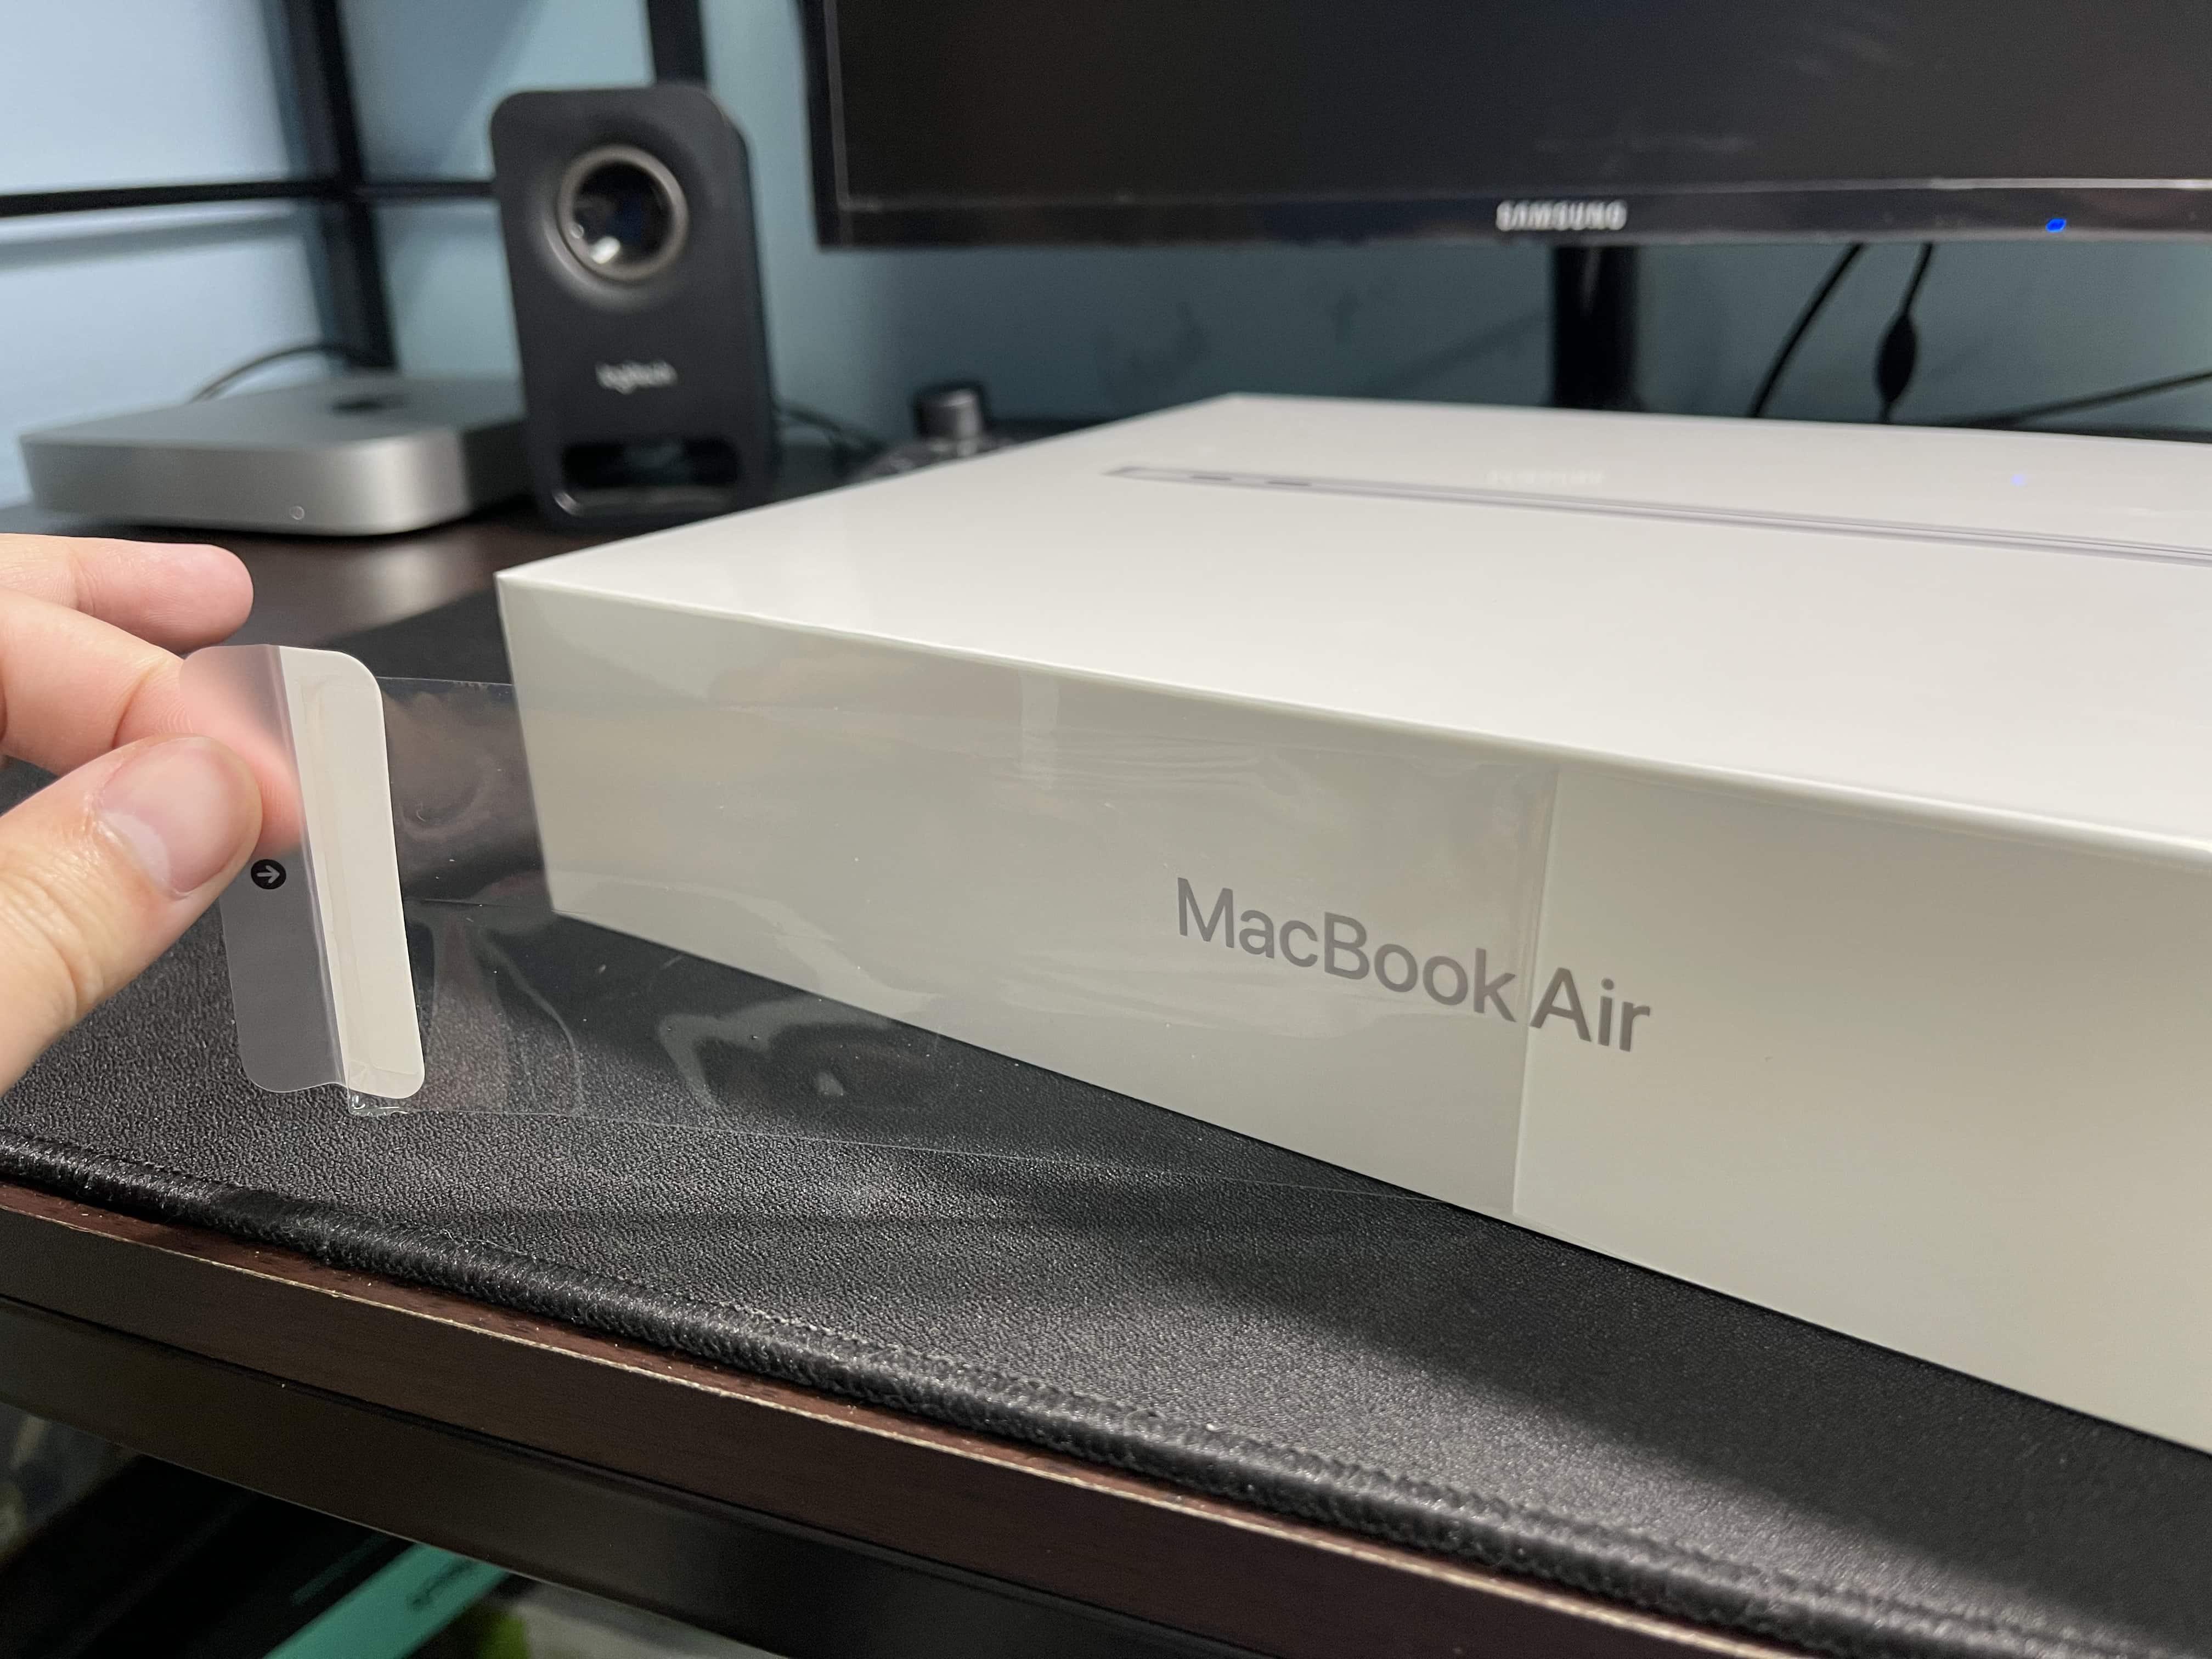 開箱評測 2020 Macbook Air M1 M1 CPU的暴力美學 無風扇設計超安靜 15